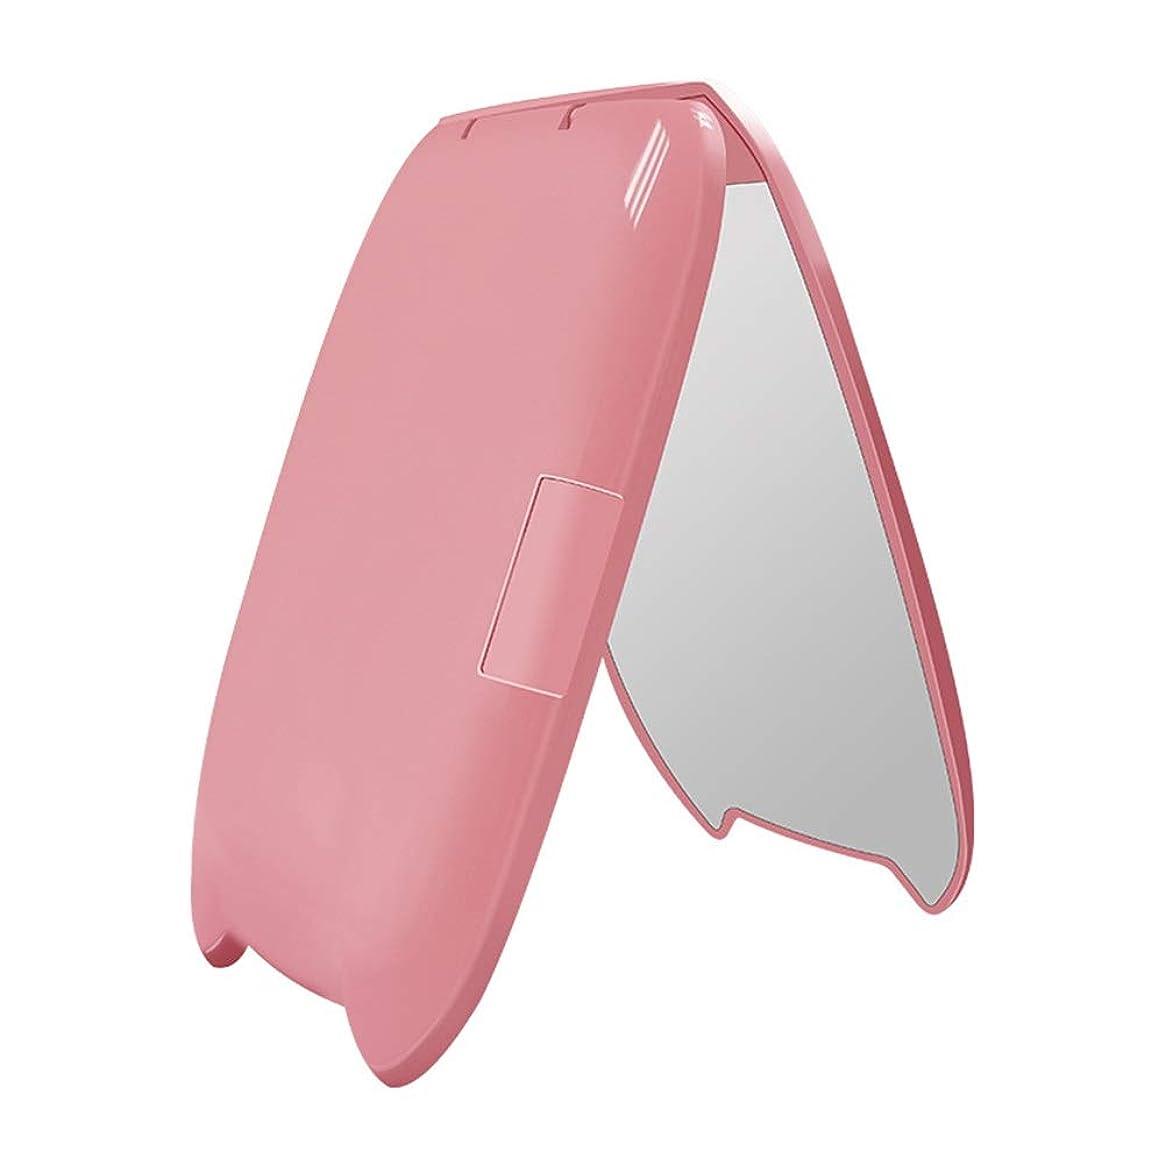 殺す邪魔する密ミニLed化粧鏡ポータブル猫耳光小さな化粧鏡2倍拡大折りたたみ発光美しさギフトミラー